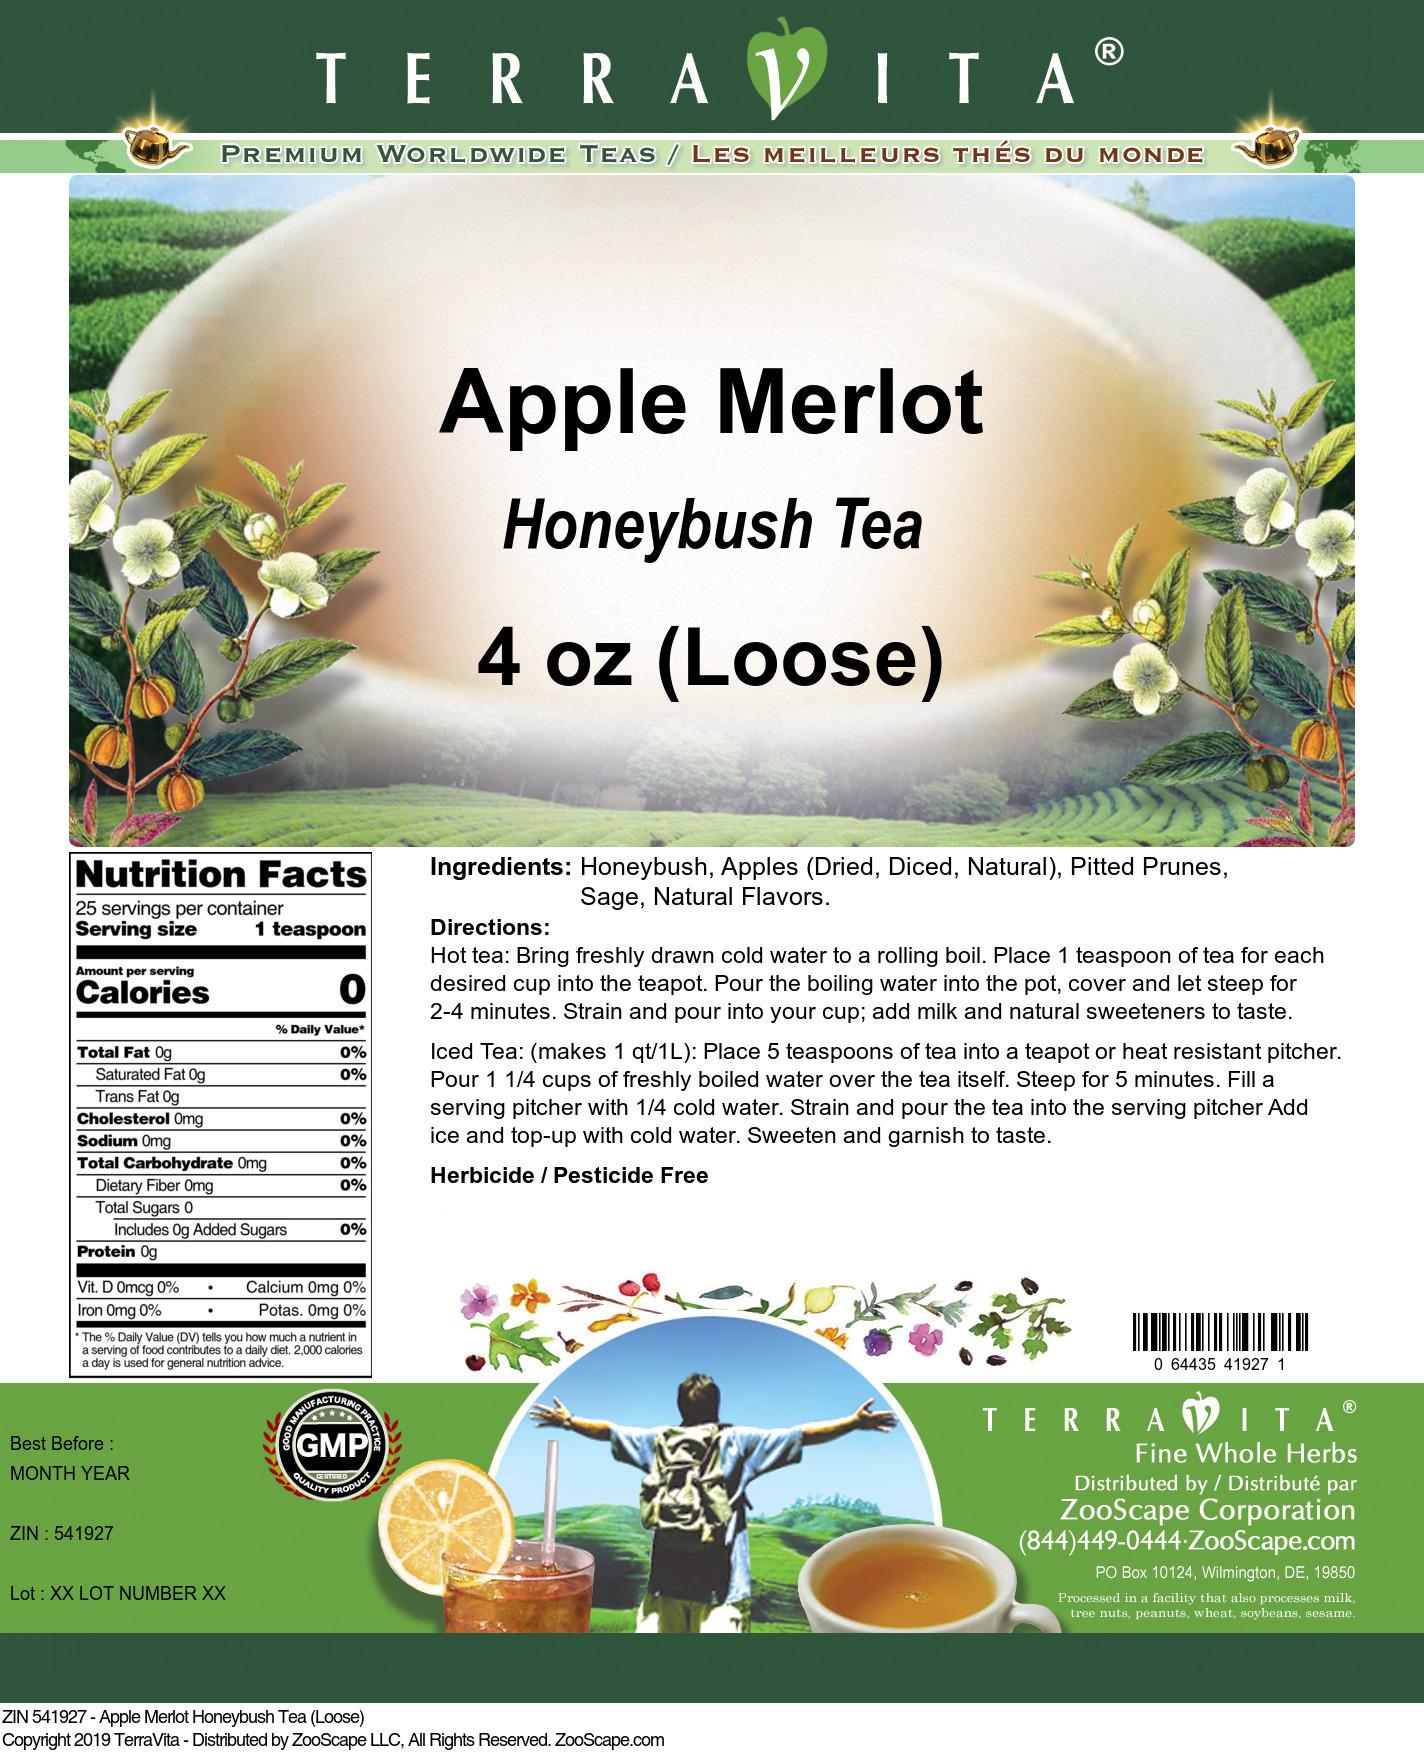 Apple Merlot Honeybush Tea (Loose)